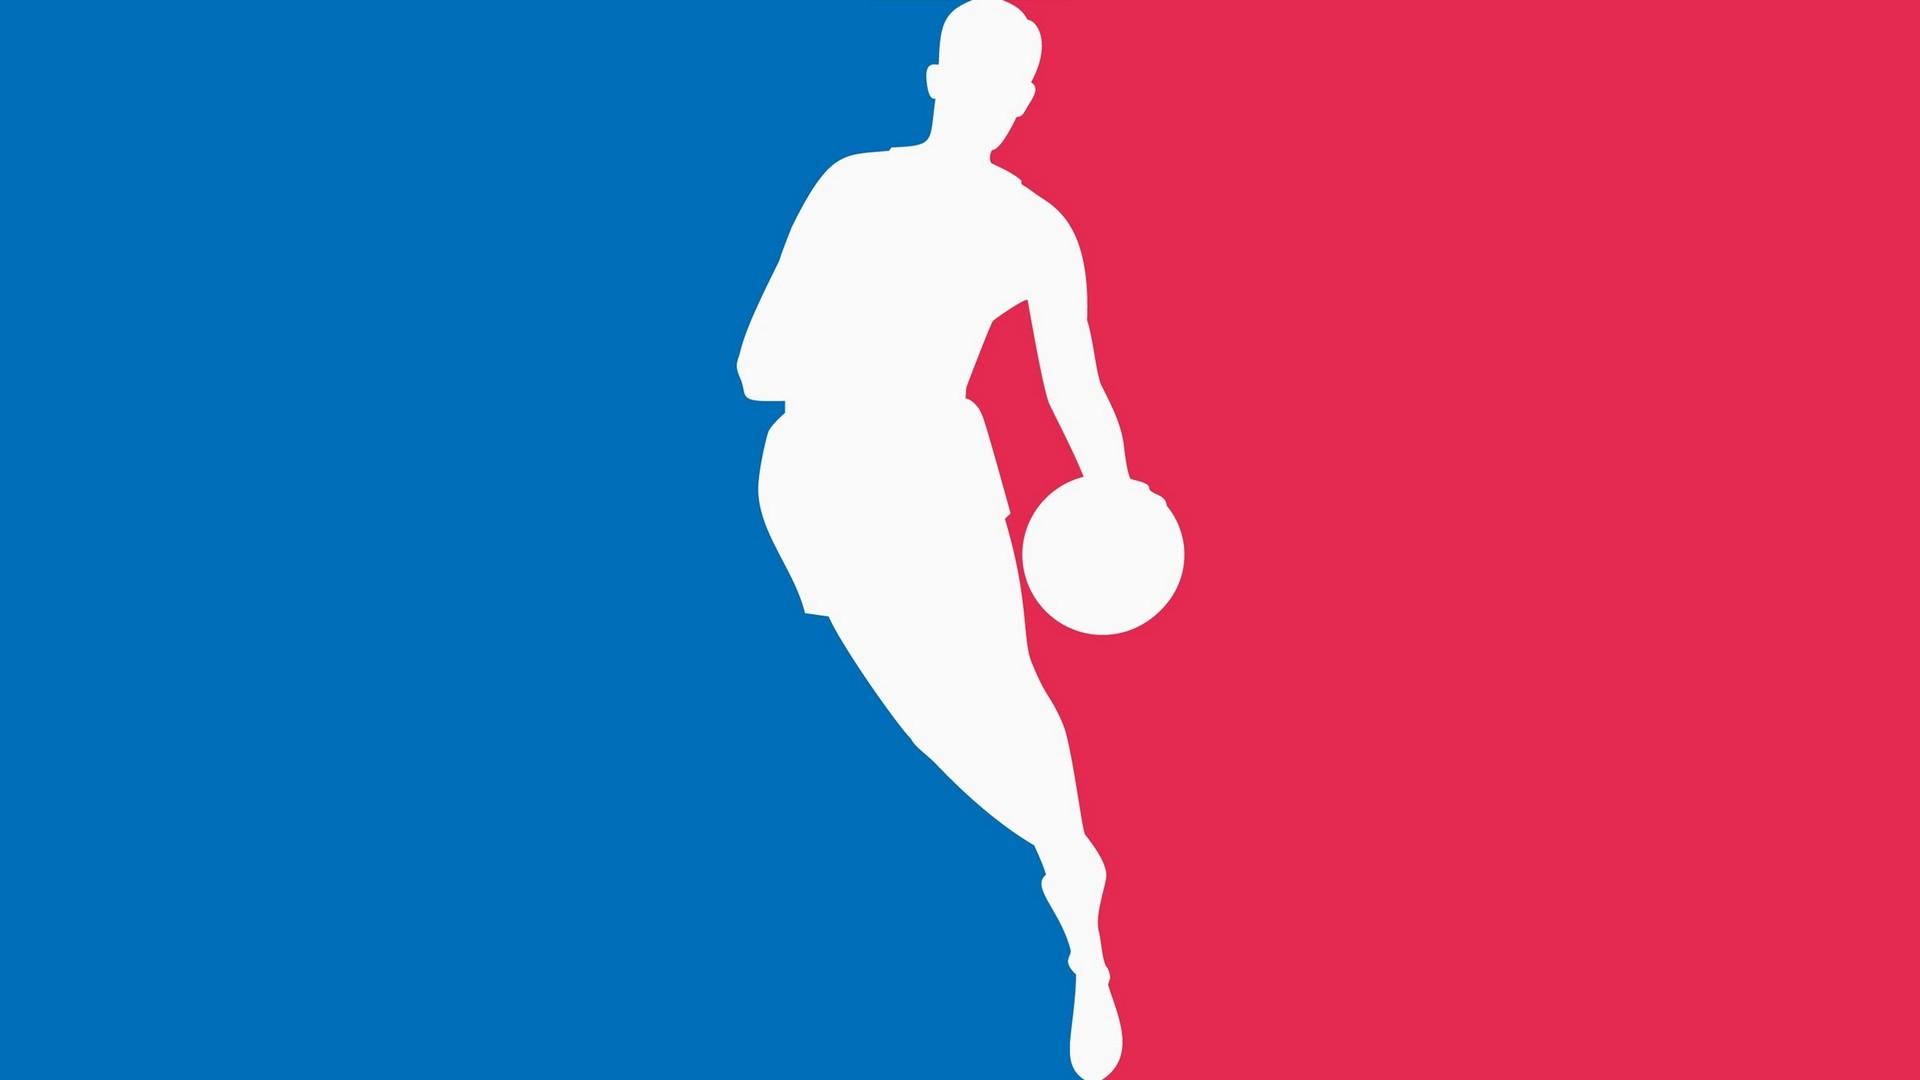 HD Desktop Wallpaper NBA 2019 Basketball Wallpaper 1920x1080